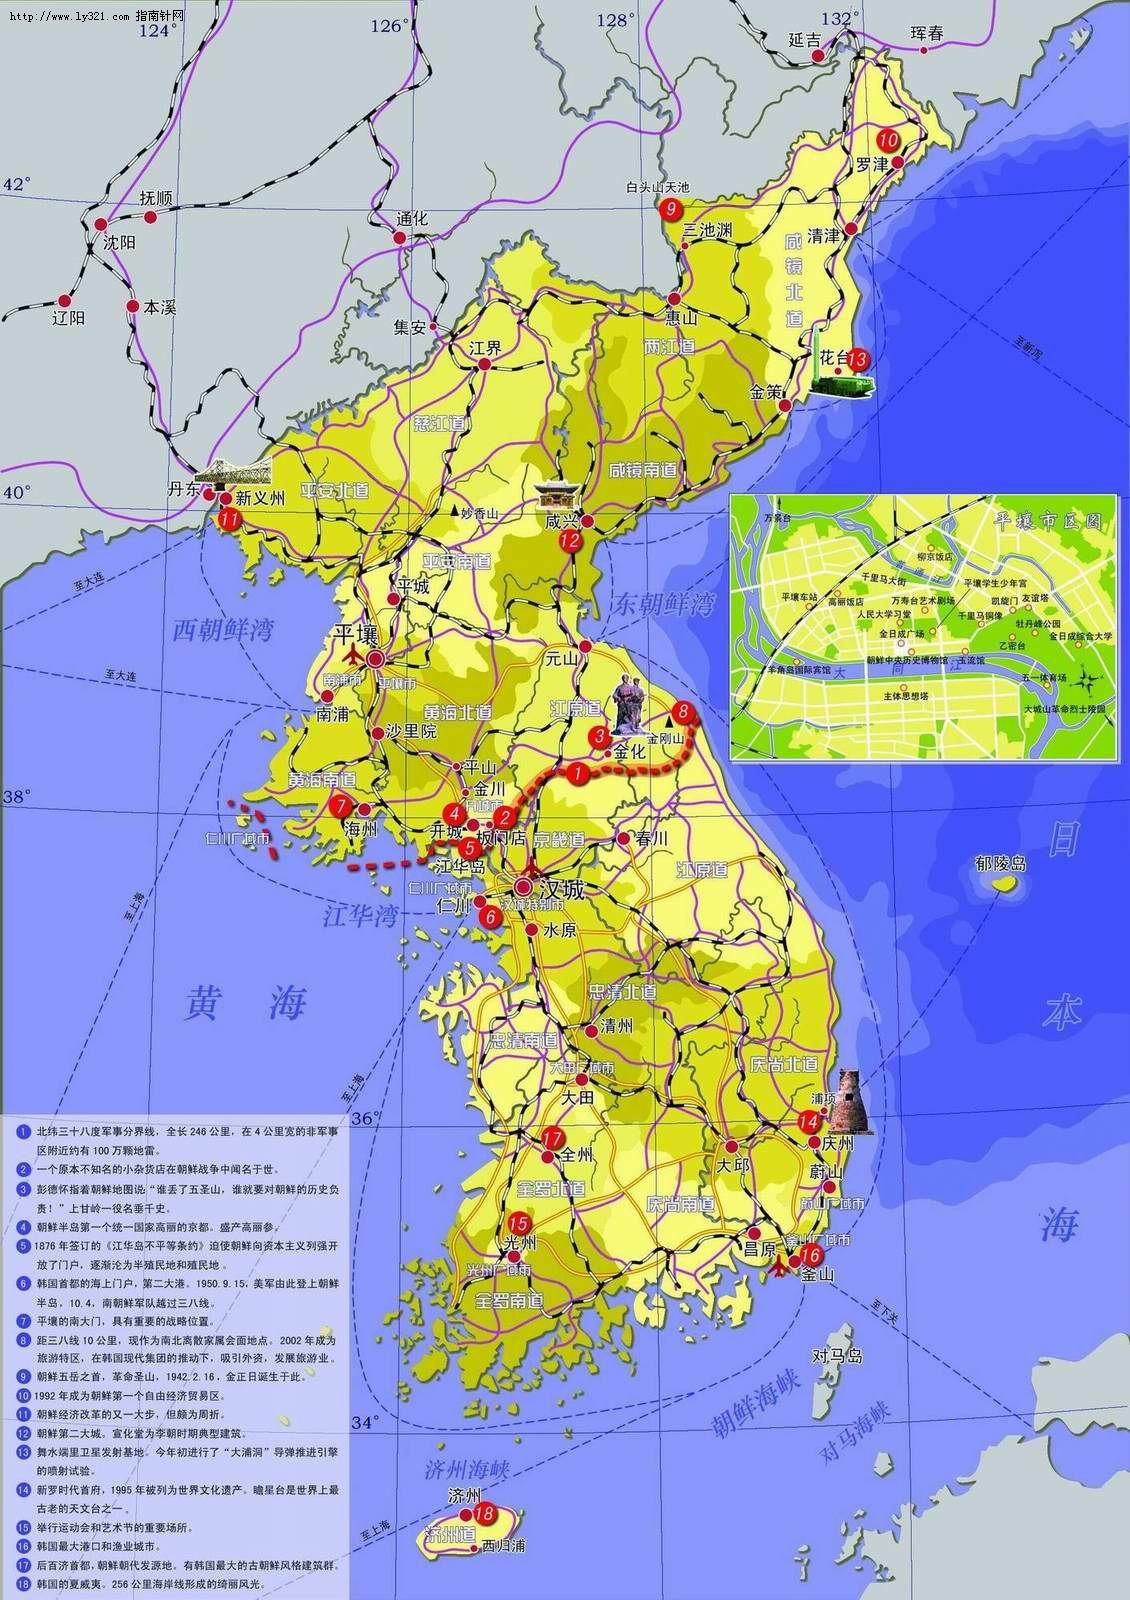 朝鲜半岛旅游图_朝鲜地图查询